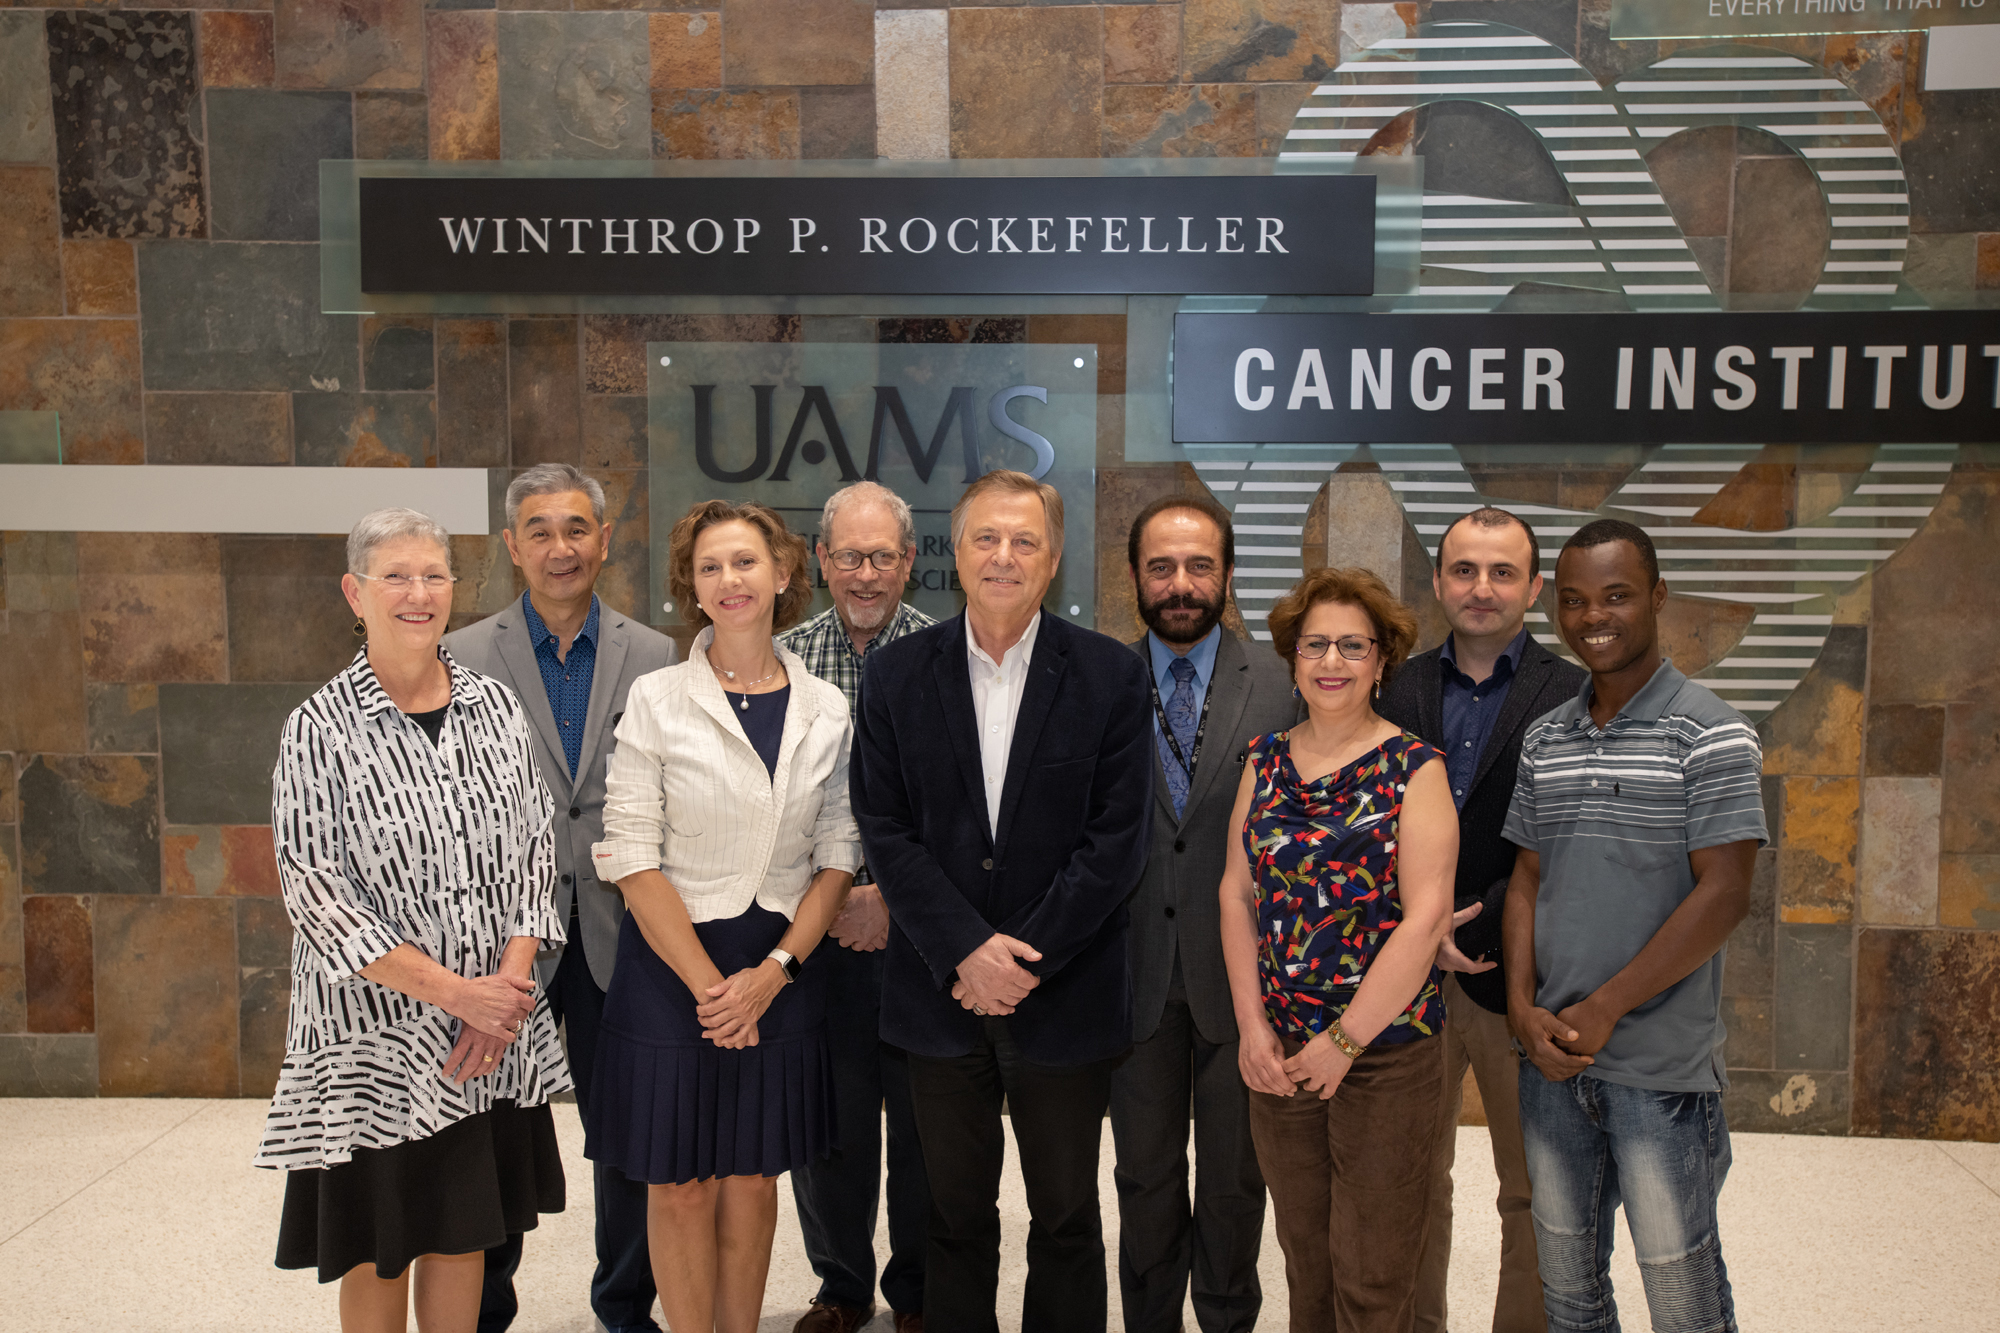 Vladimir Zharov, Ph.D., Ds.C. (center) is pictured with collaborators (left to right) Laura Hutchins, M.D.; James Y. Suen, M.D.; Ekaterina I. Galanzha, M.D., Ph.D., D.Sc.; Eric Siegel, M.S.; Issam Makhoul, M.D.; Azemat Jamshidi-Parsian, M.S.; Mustafa Sarimollaoglu, Ph.D; and Aayire C. Yadem, M.S.